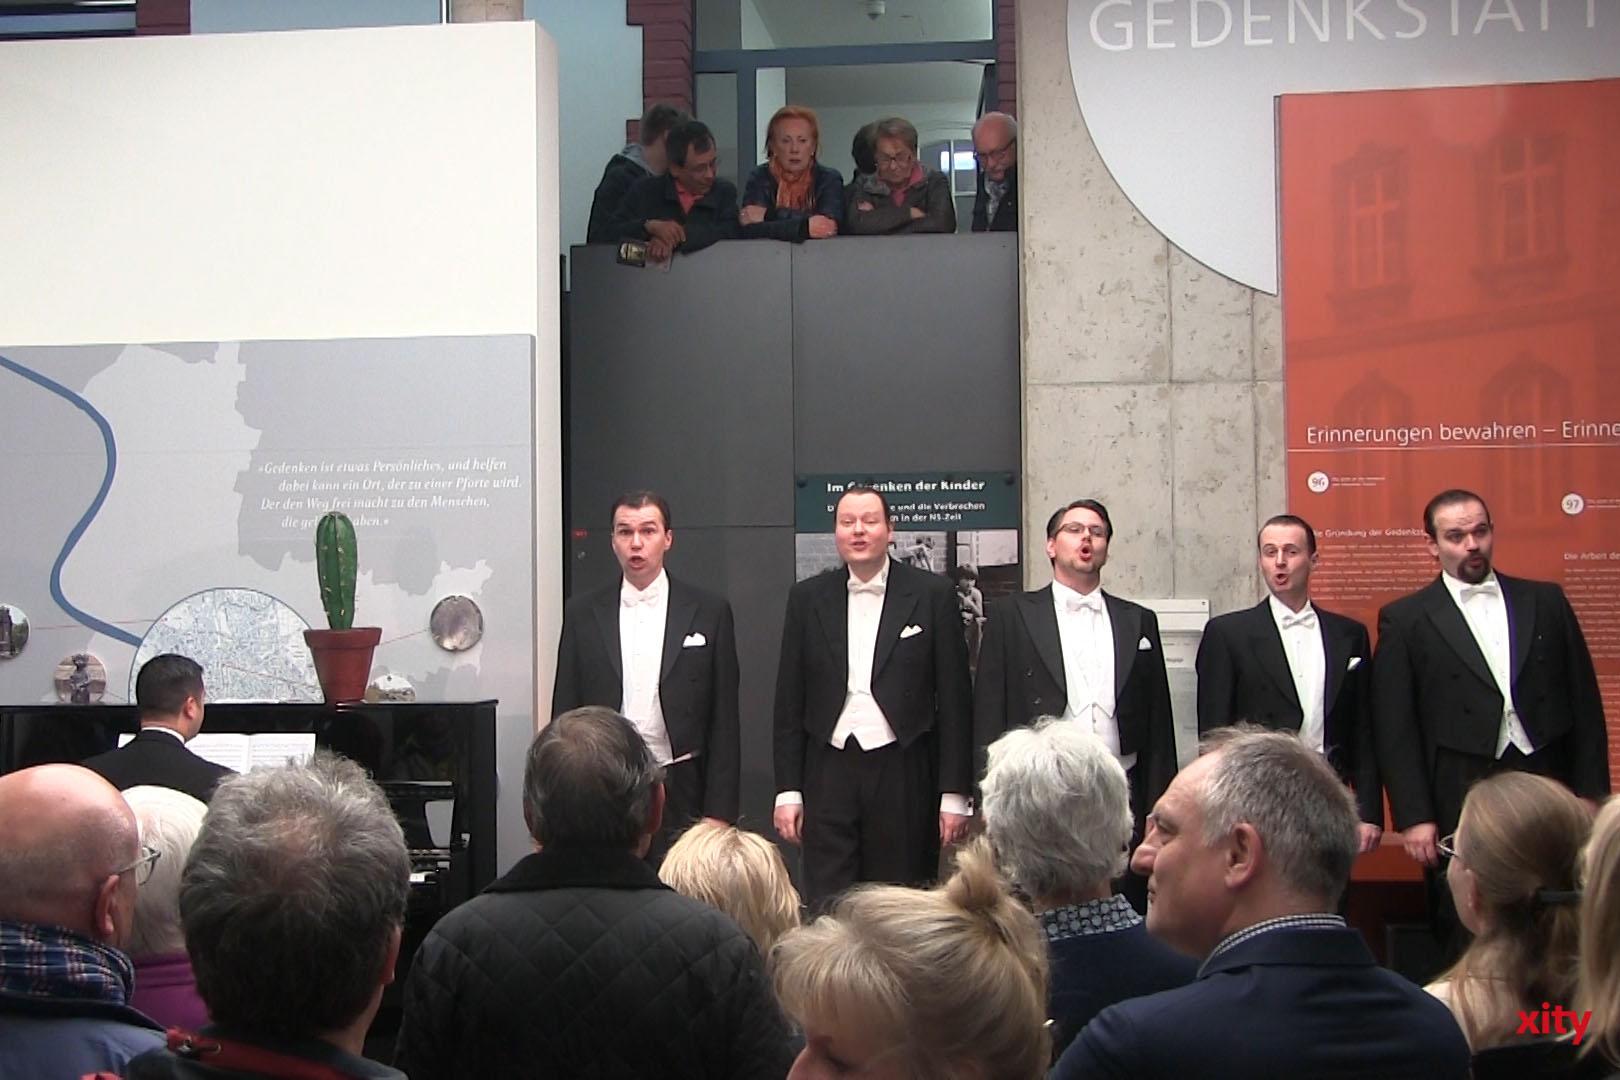 Das ensemble six sang im Stile der Comedian Harmonists (Foto: xity)